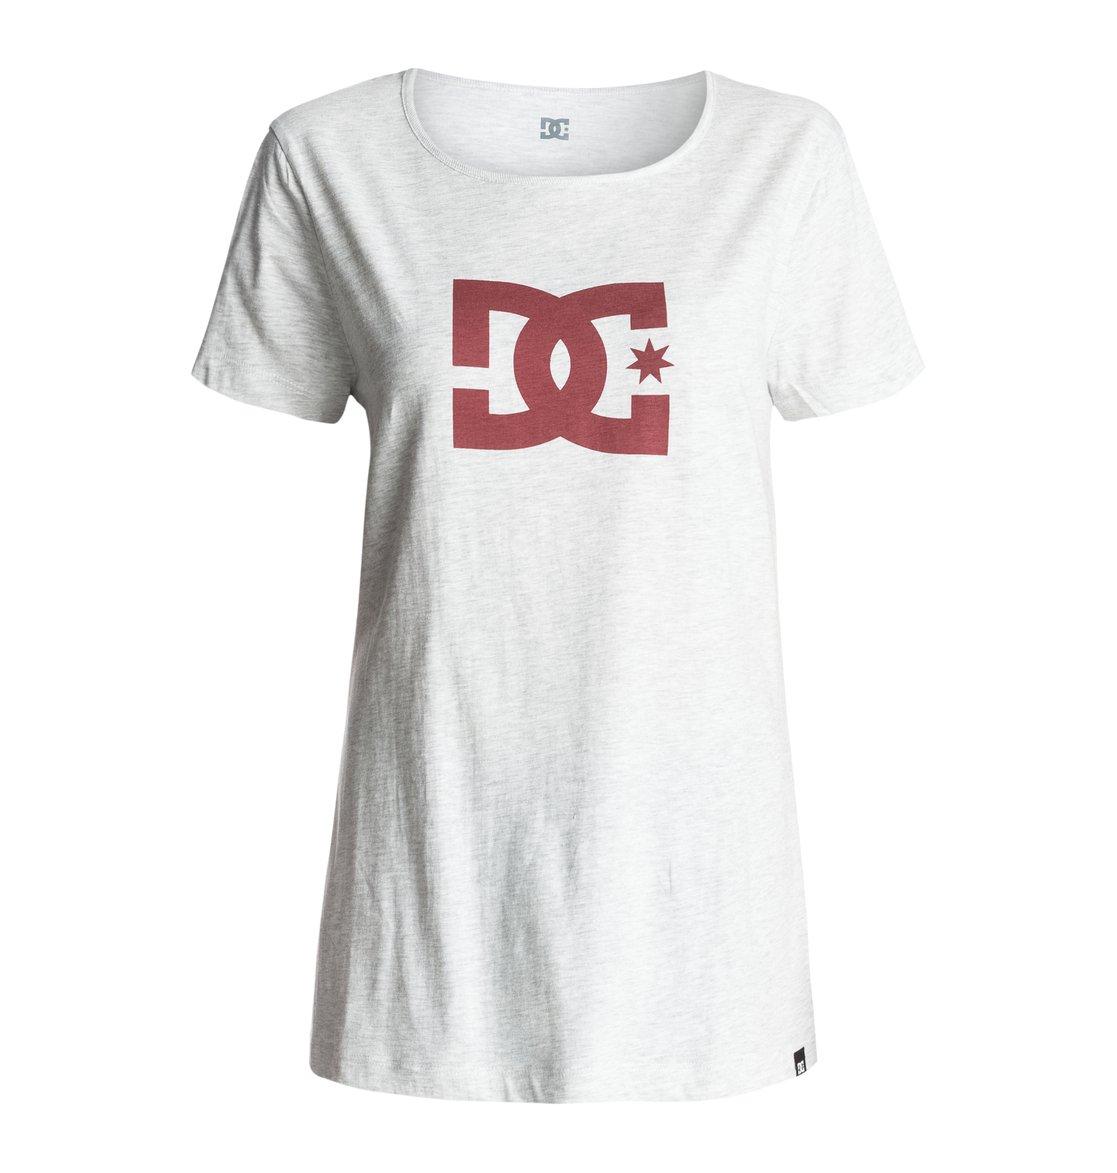 Wo Star T-ShirtЖенская футболка Star от DC Shoes. <br>ХАРАКТЕРИСТИКИ: короткие рукава, полусвободный крой boyfriend fit, мягкий графический принт. <br>СОСТАВ: 100% хлопок.<br>